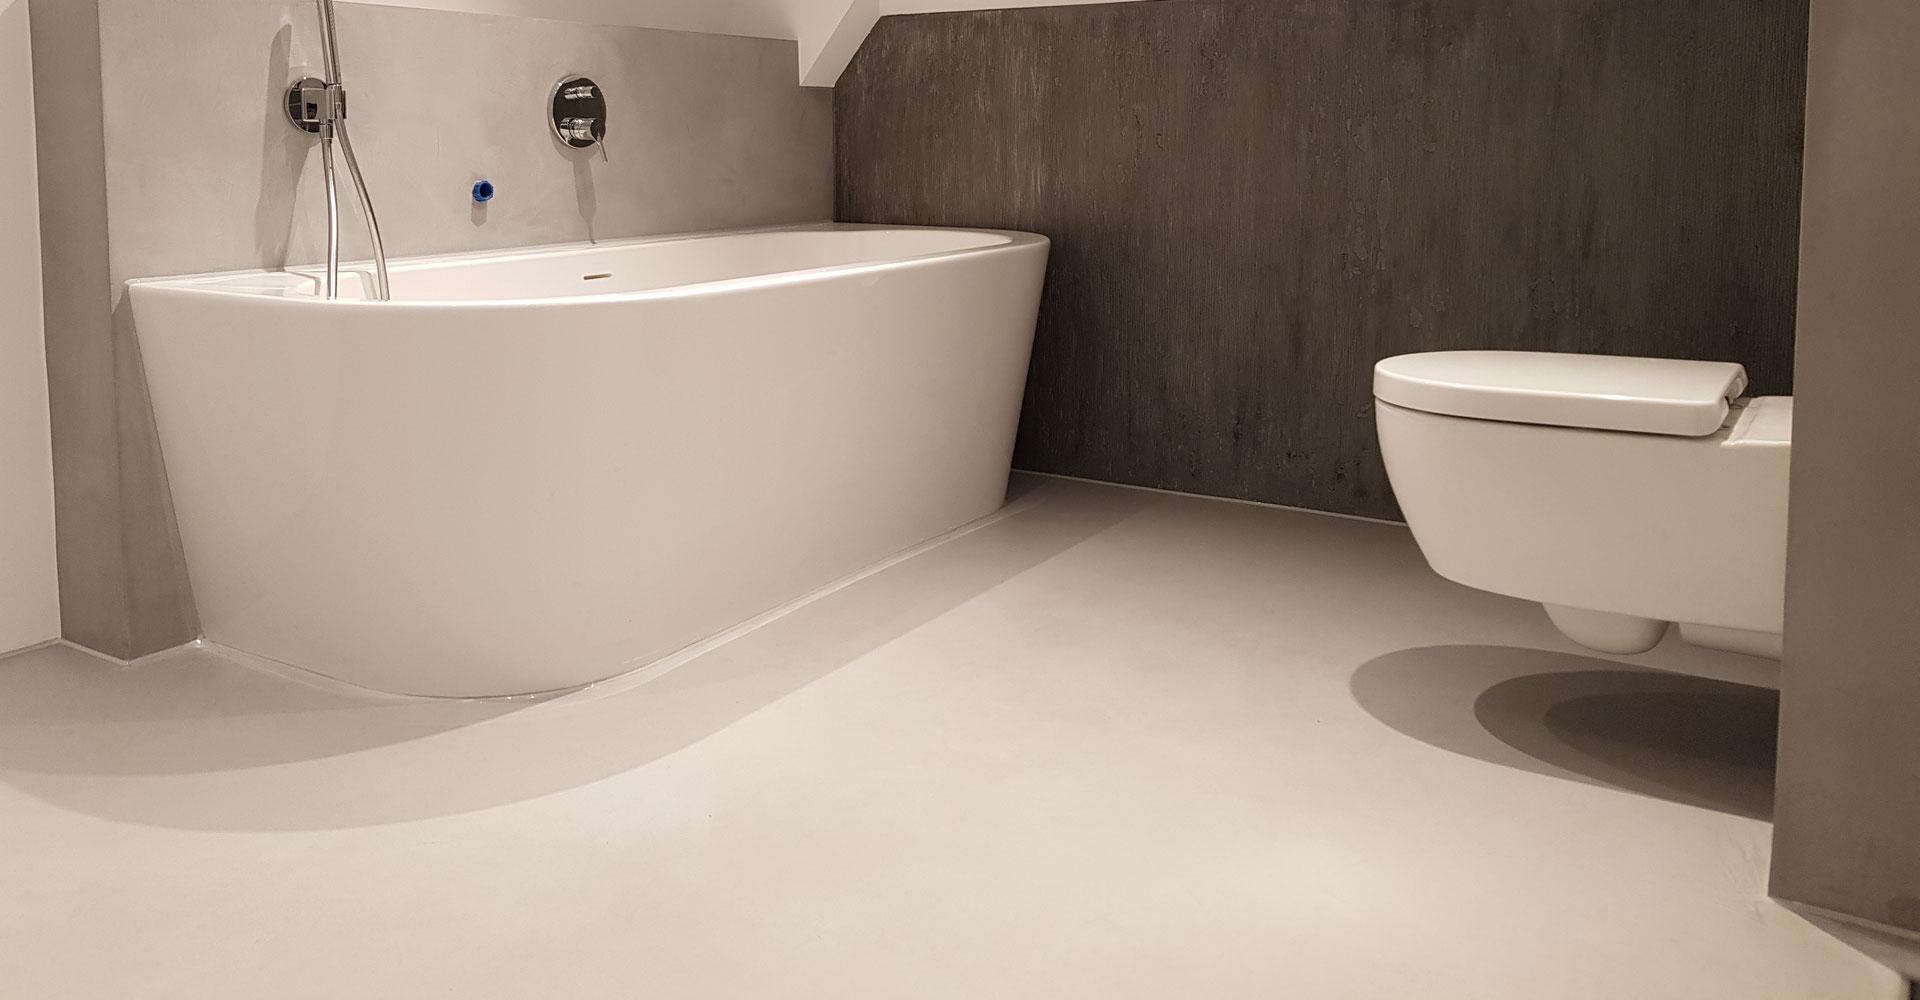 Gietvloer in de badkamer in de kleur taupe